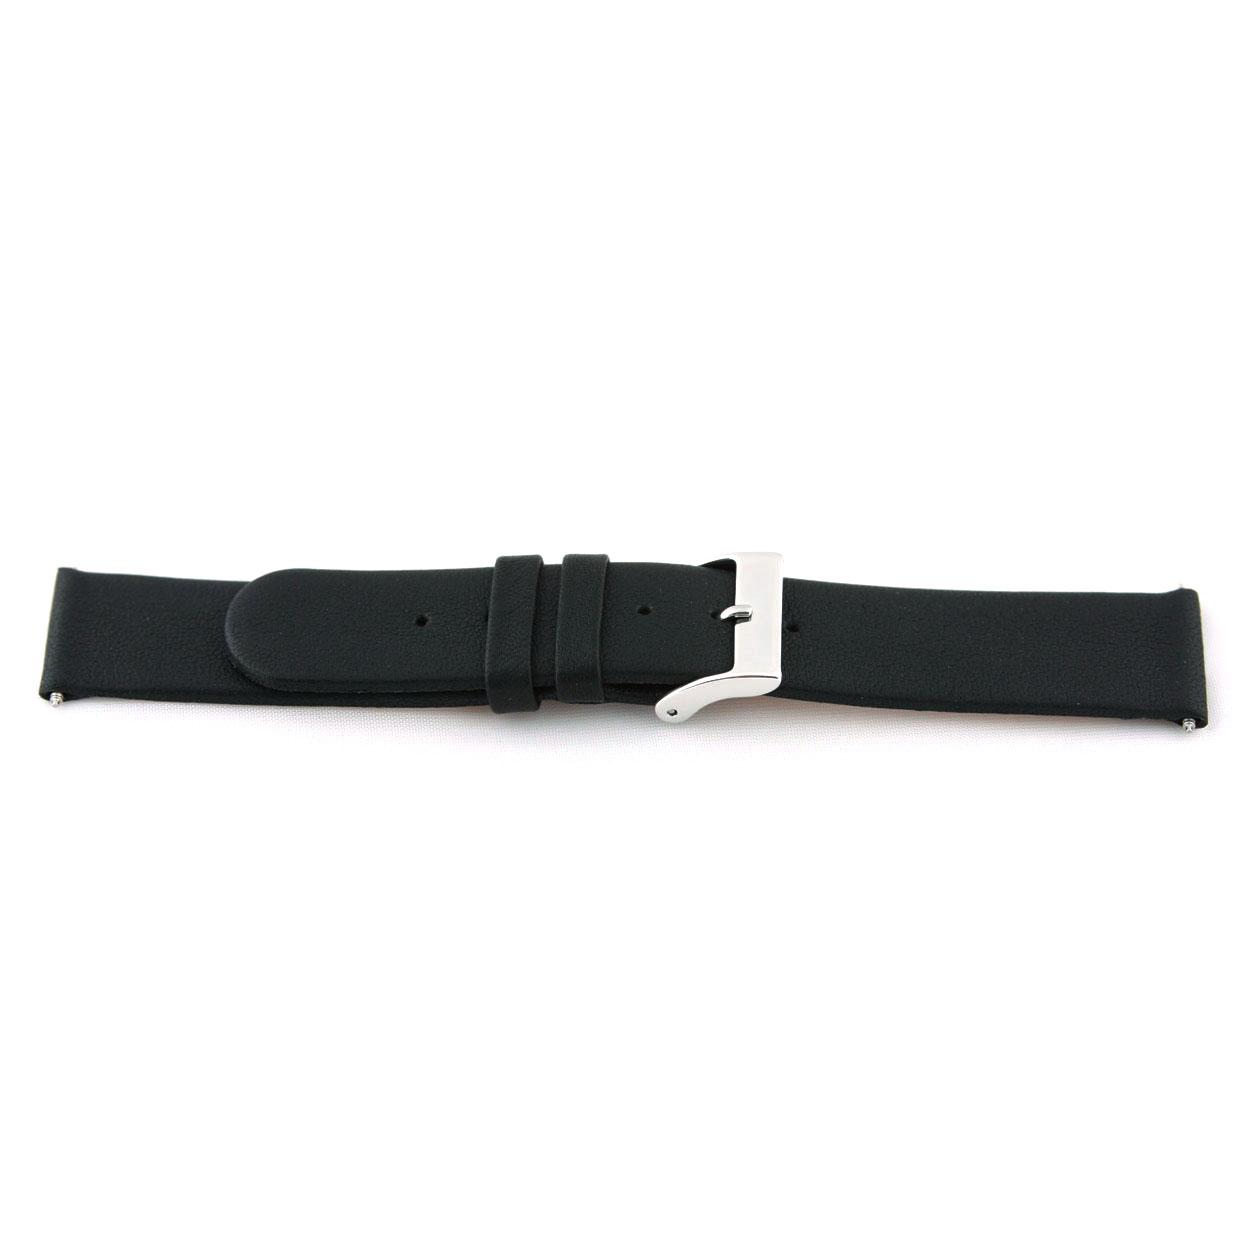 Echt lederen horloge band zwart zonder stiksel 20mm EX-J56